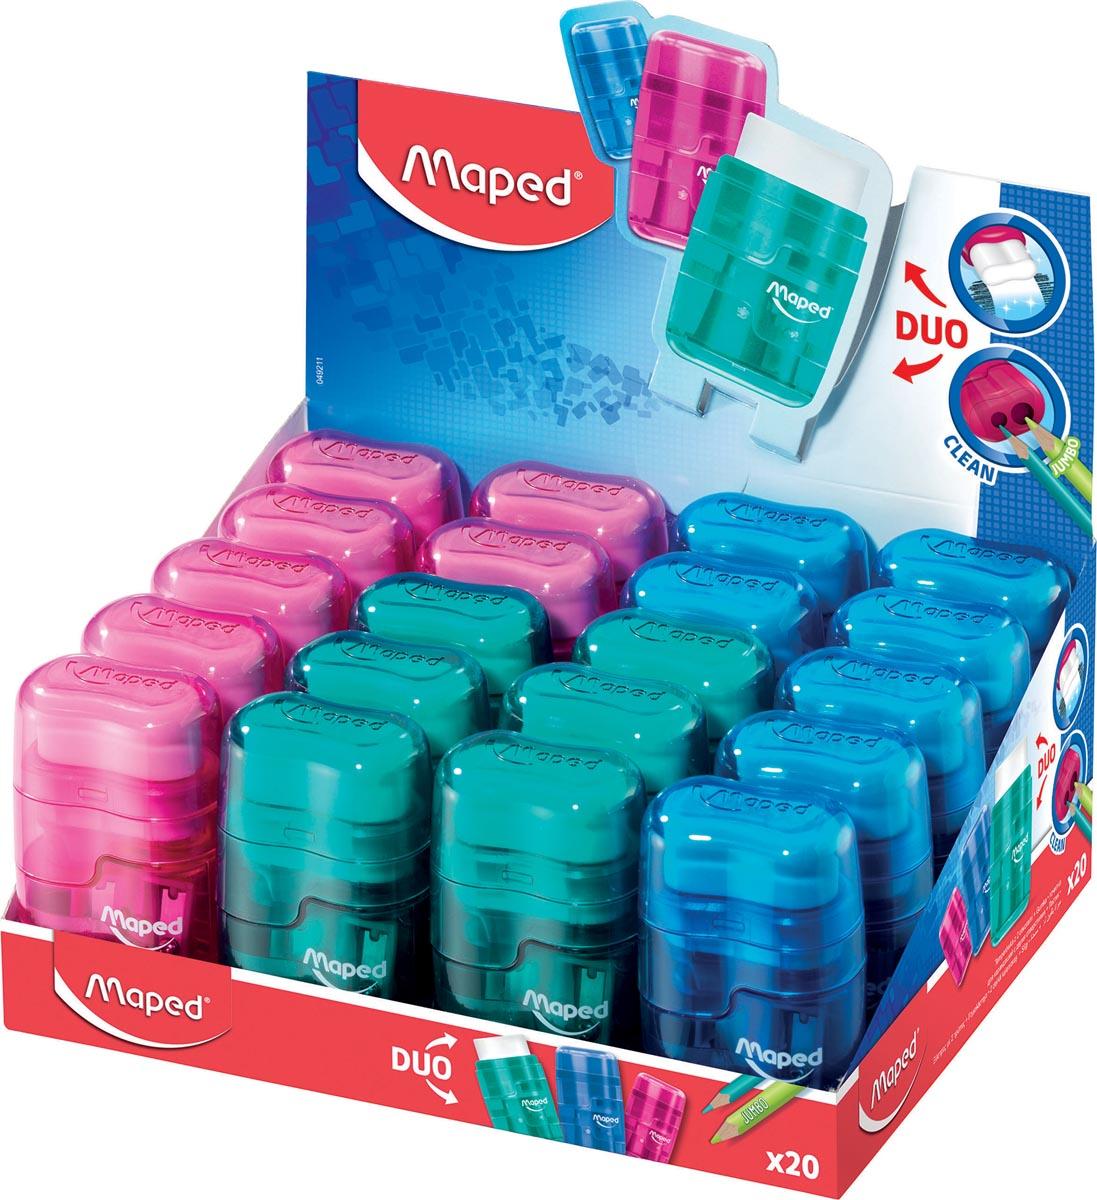 Maped potloodslijper/gum Connect transparant 2-gaats, display van 20 stuks in geassorteerde kleuren